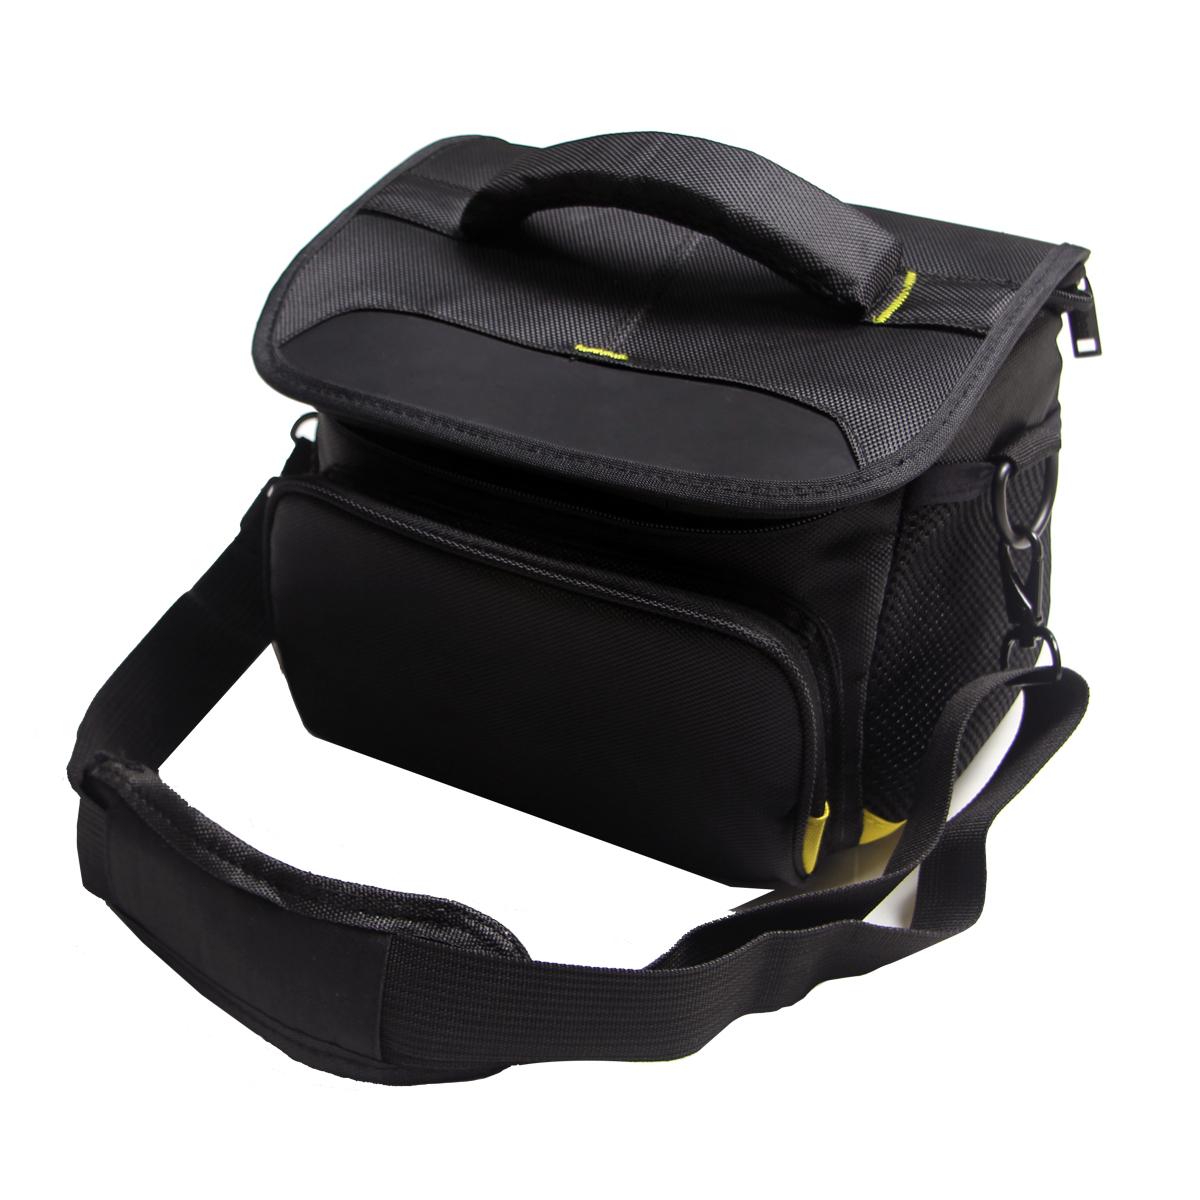 Чехол-сумка MyPads TC-1230 для фотоаппарата Nikon D5500 COOLPIX B500 B700L105 из качественной износостойкой влагозащитной ткани черный